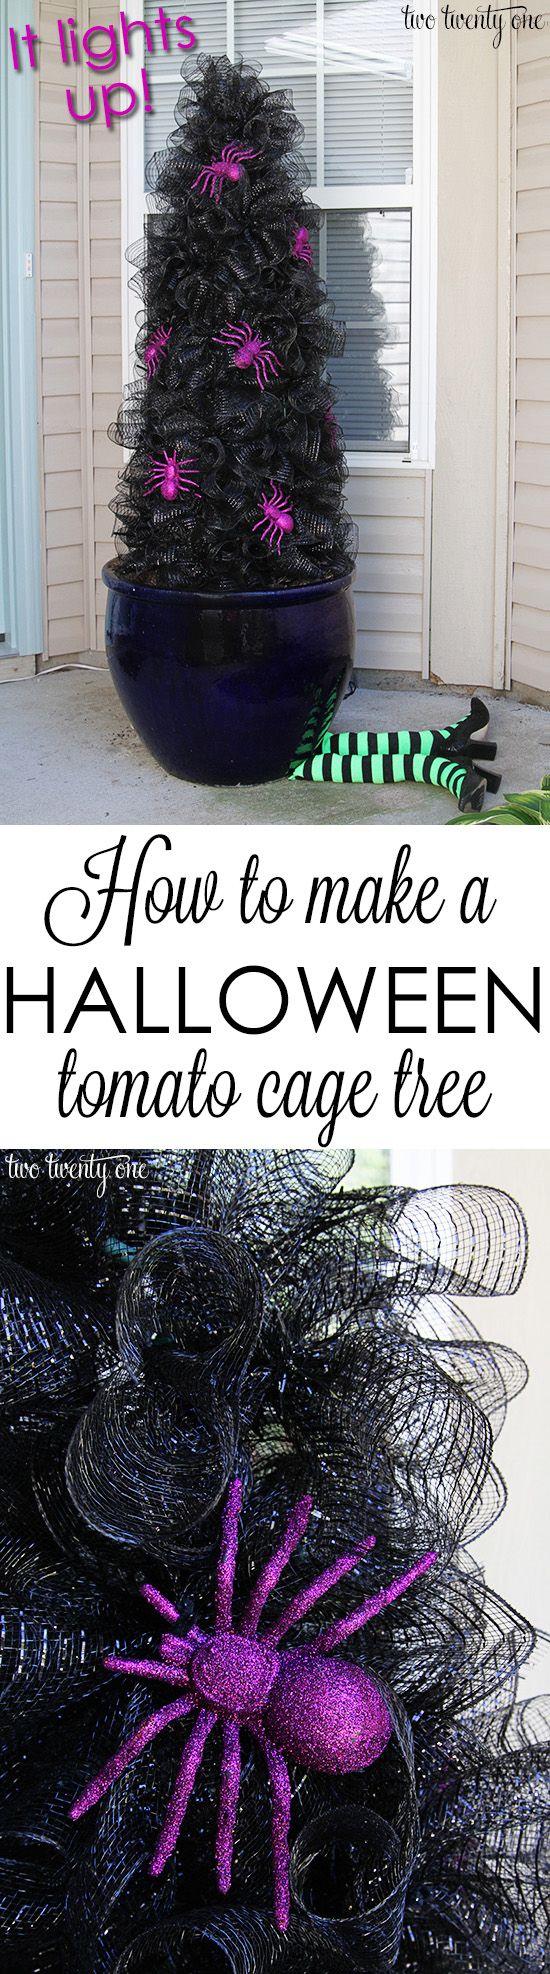 Halloween Tomato Cage Tree.